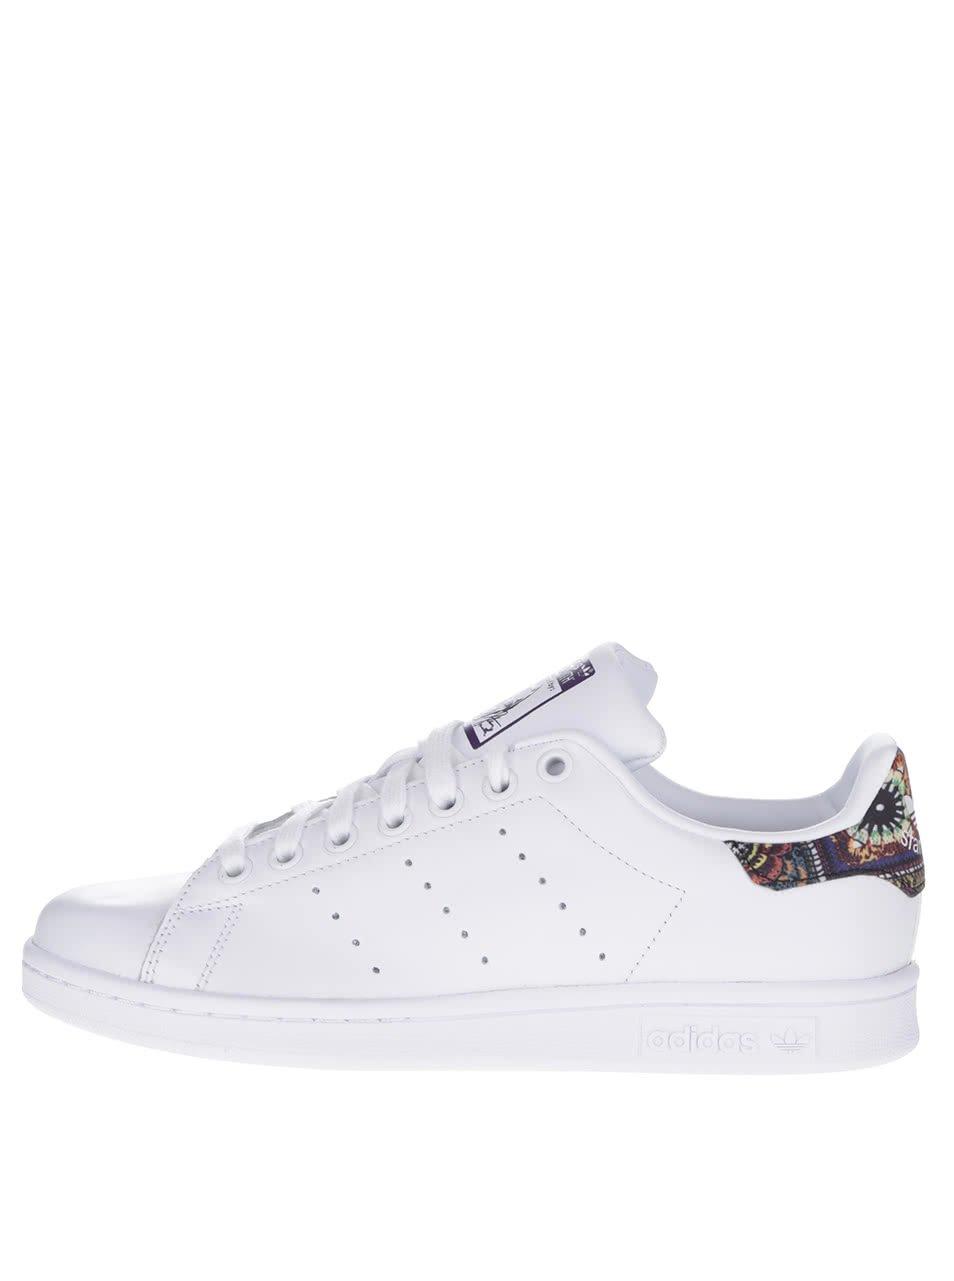 Bílé dámské kožené tenisky se vzorovanými detaily adidas Originals Stan Smith